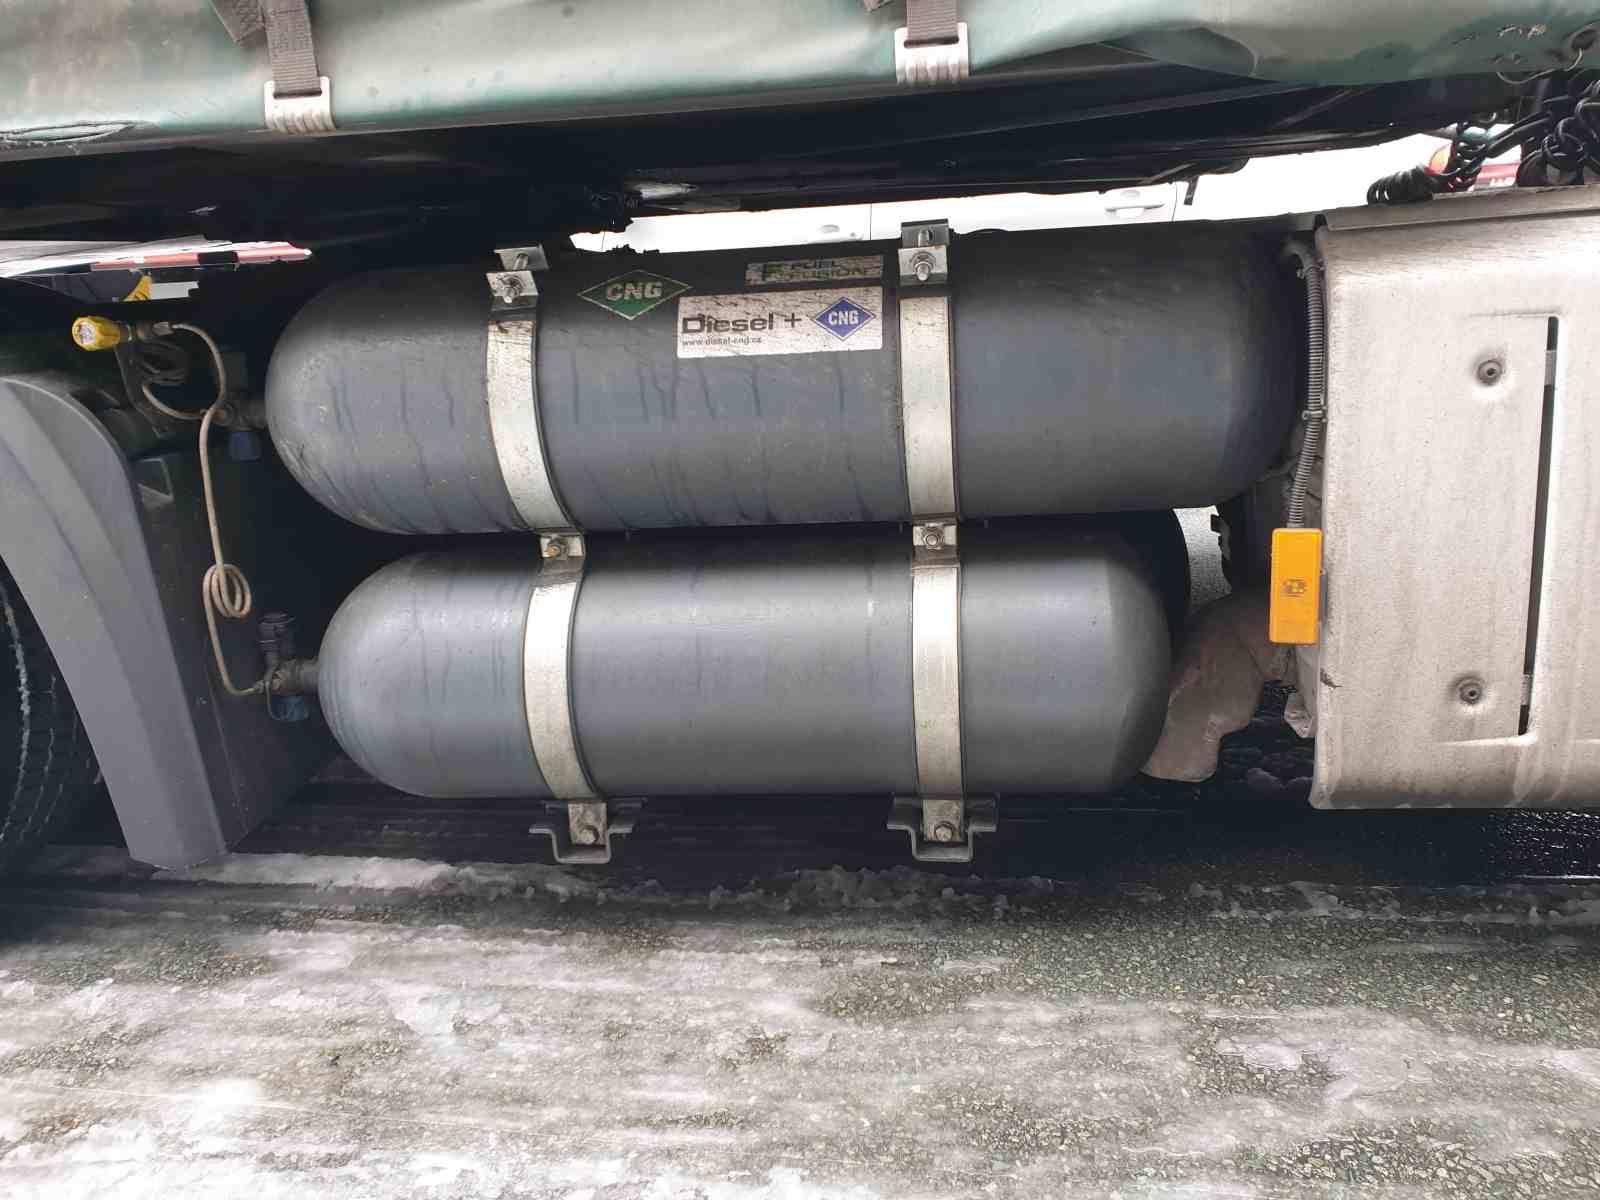 Mercedes Actros 1845 Diesel CNG - duální pohon nafta a CNG nádrže CNG a úprava výfuku